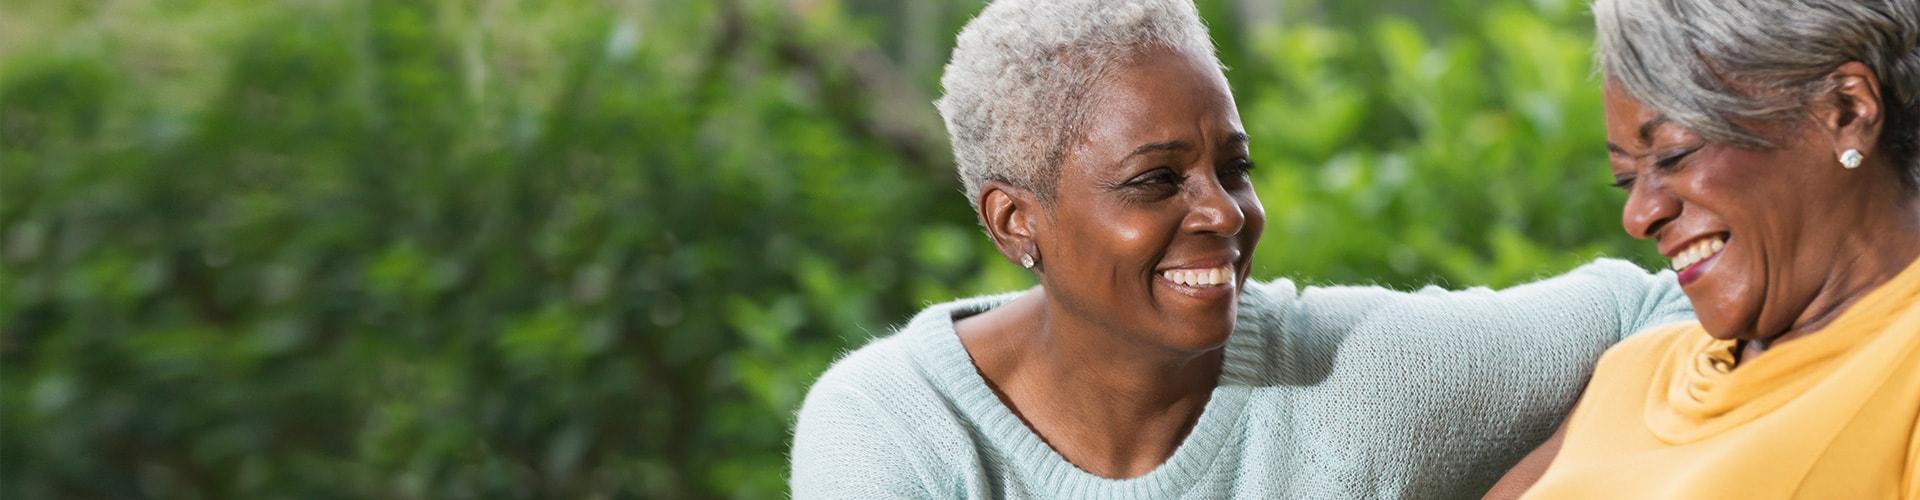 会話を交わす2人の女性。フィリップスヒアリングソリューションのサポートによって聞こえを高め、周囲とのつながりを深めることを助けます。